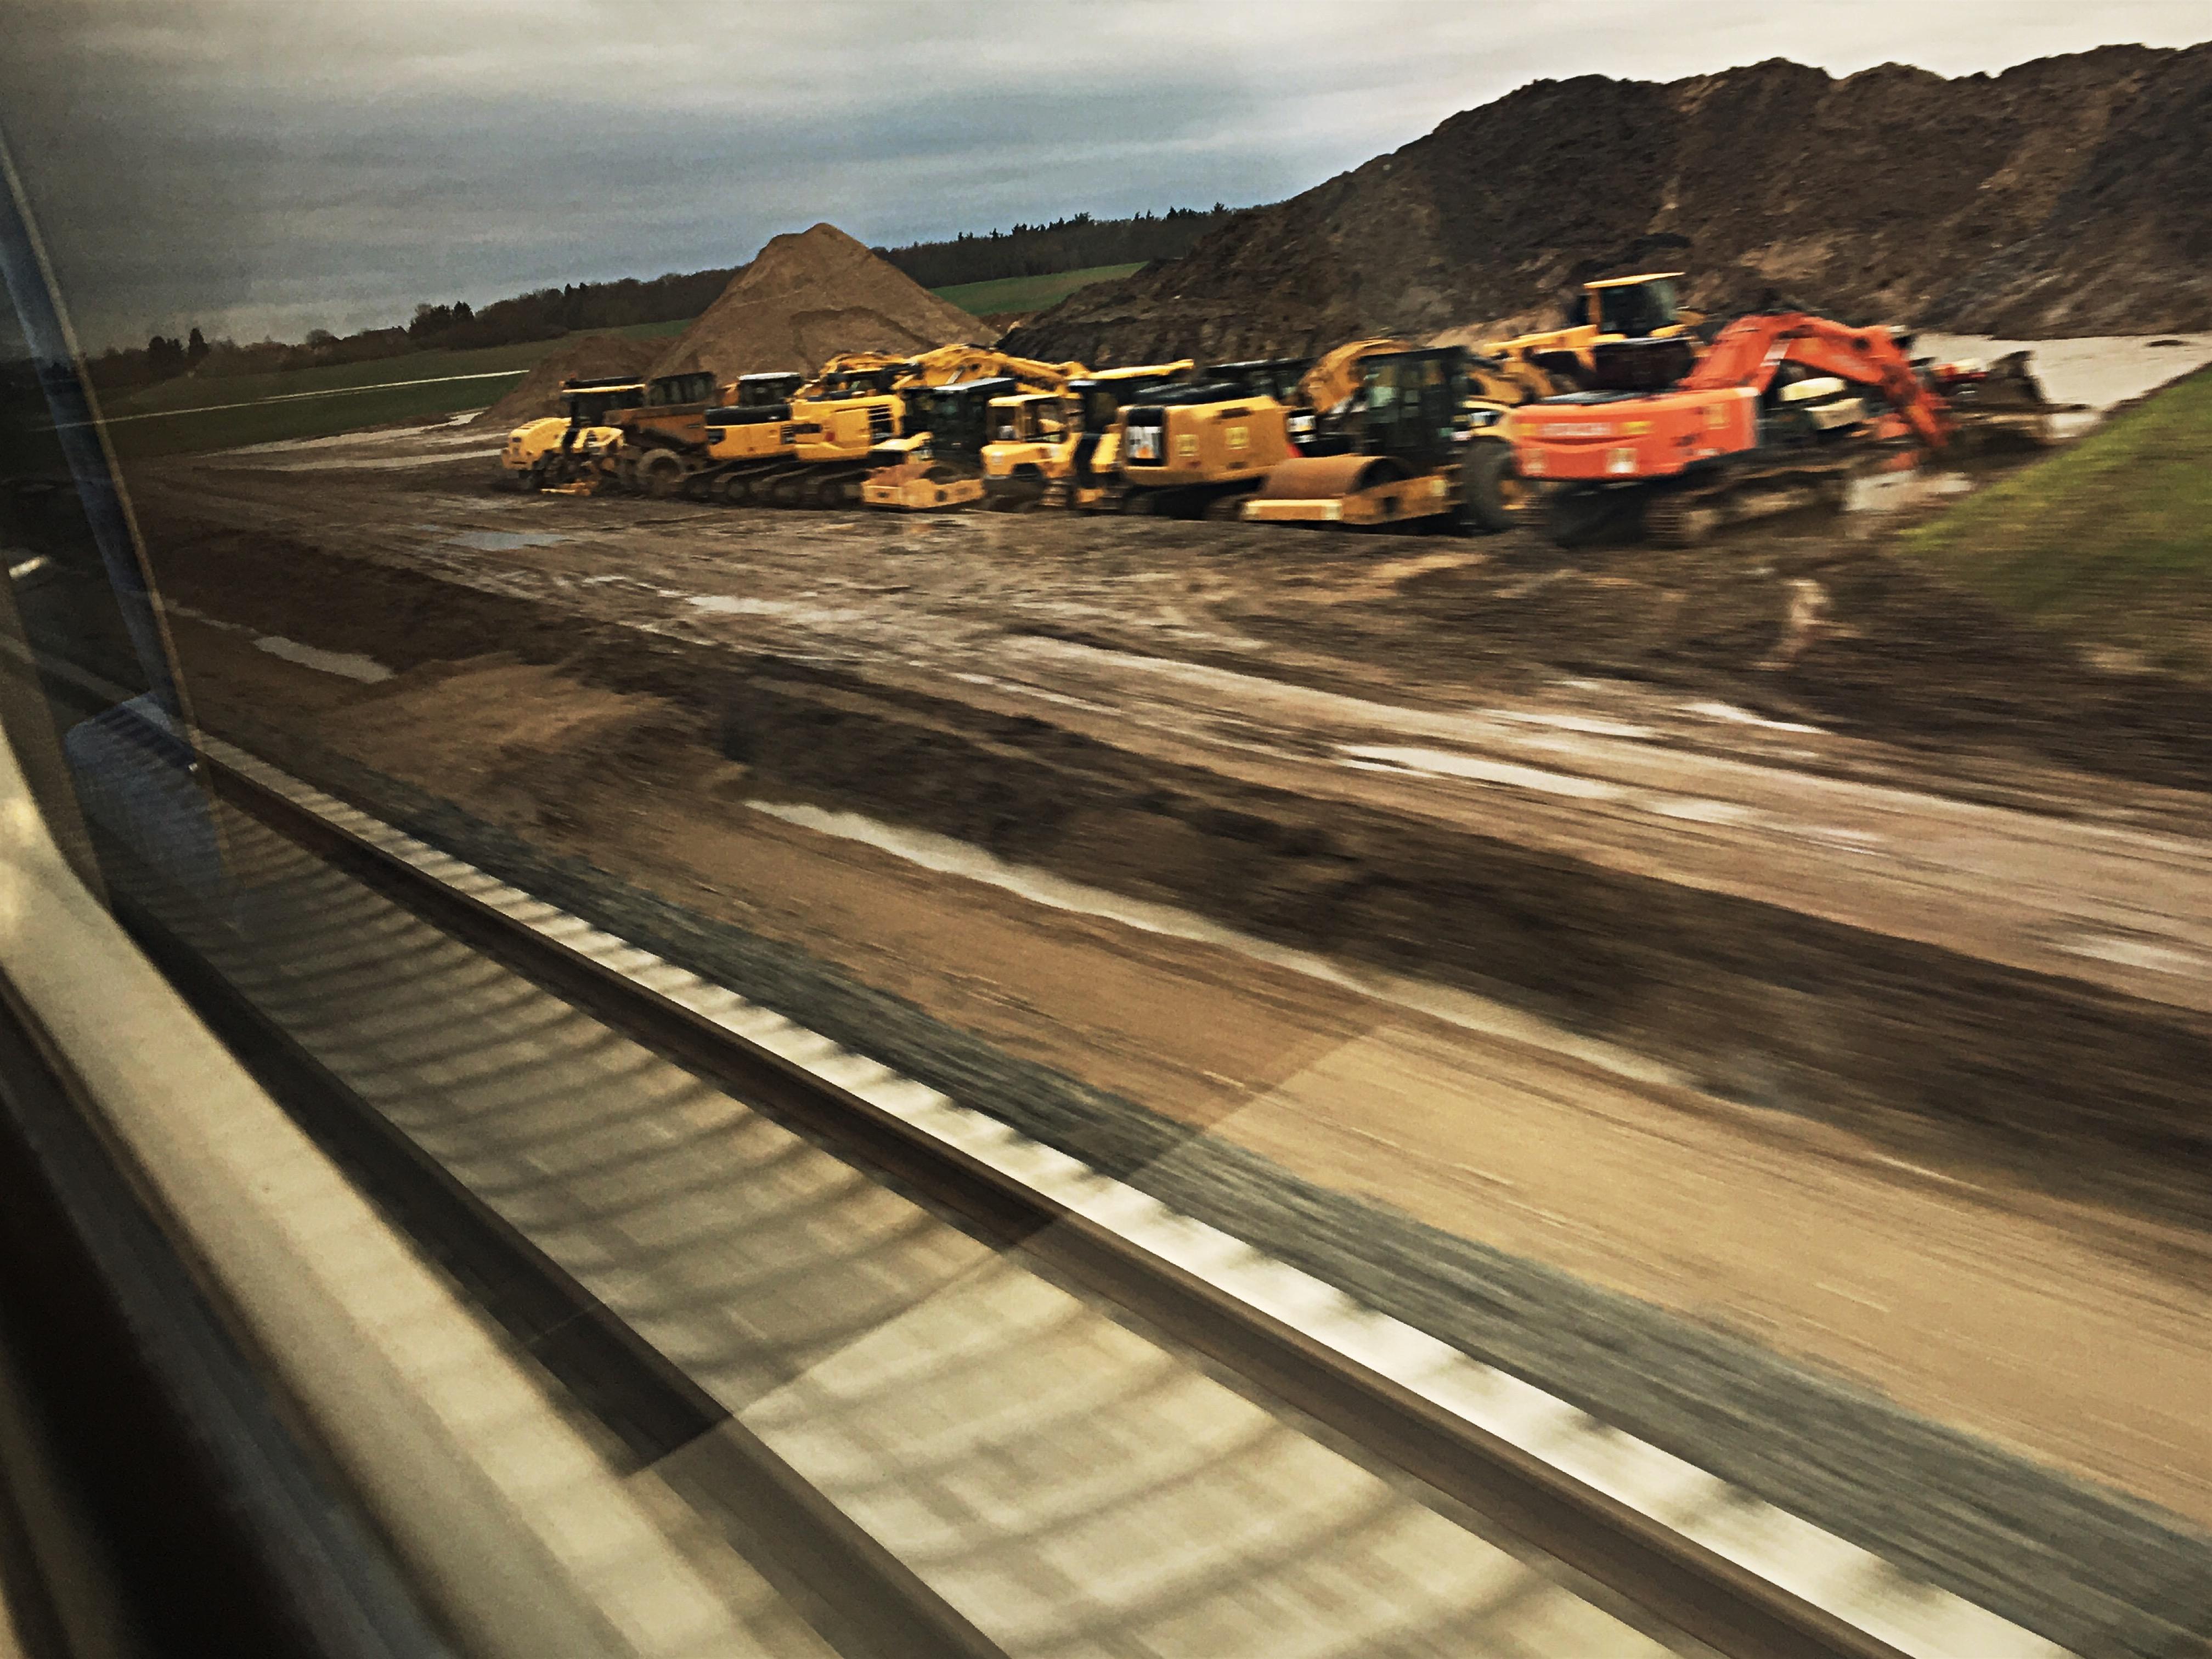 Gelbe und orangene Baufahrzeuge stehen neben einem neu verlegten Eisenbahngleis.